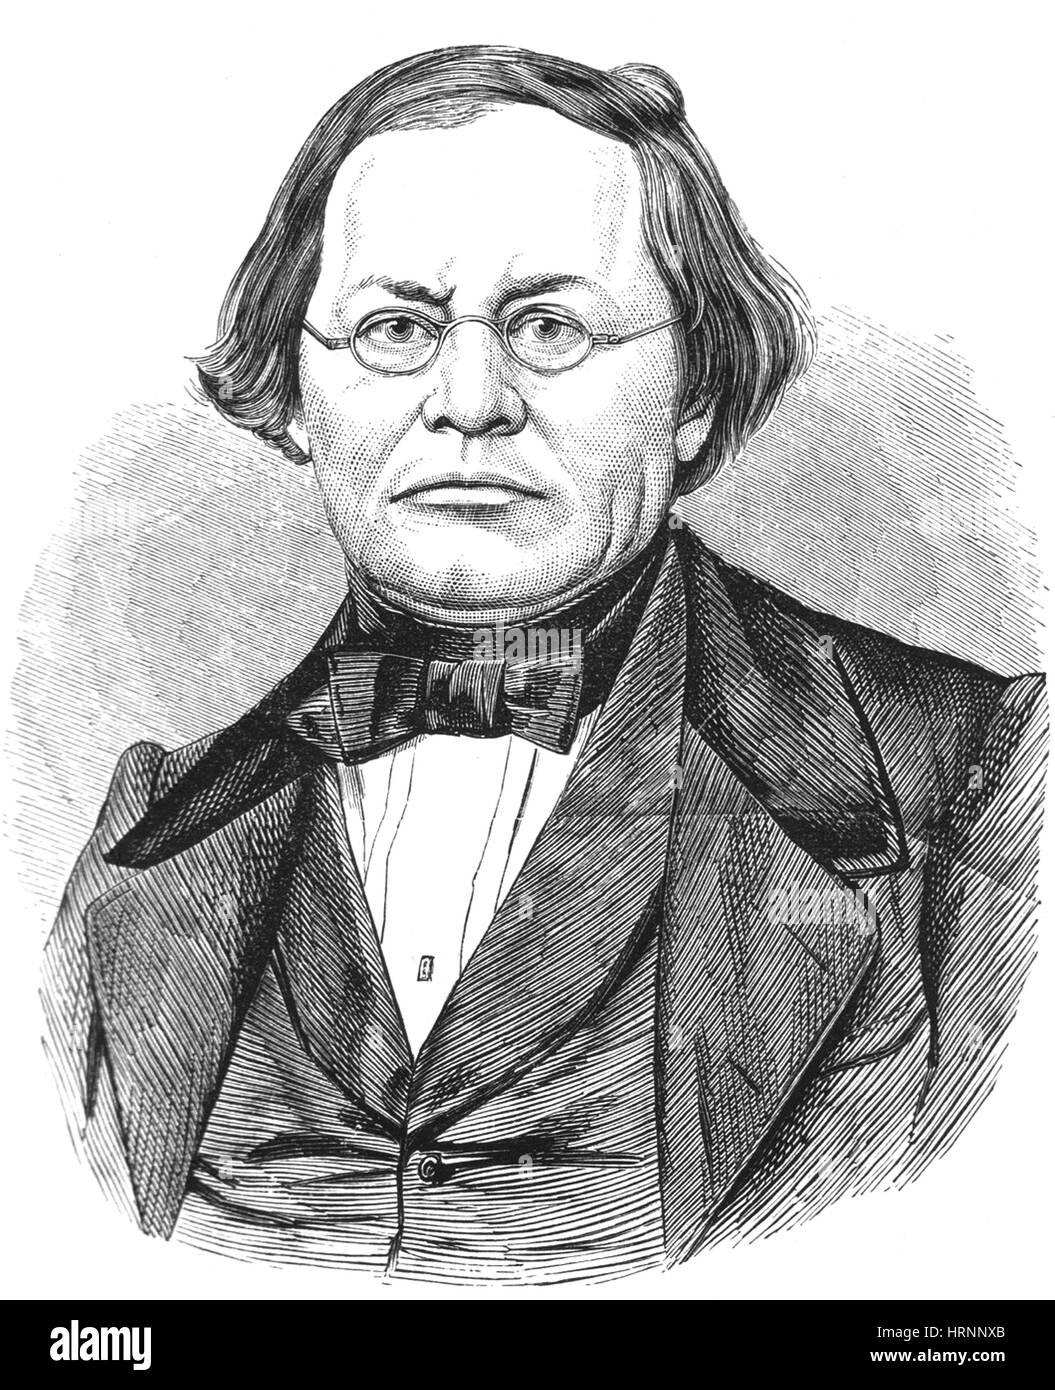 Joseph Skoda, Czech Physician - Stock Image